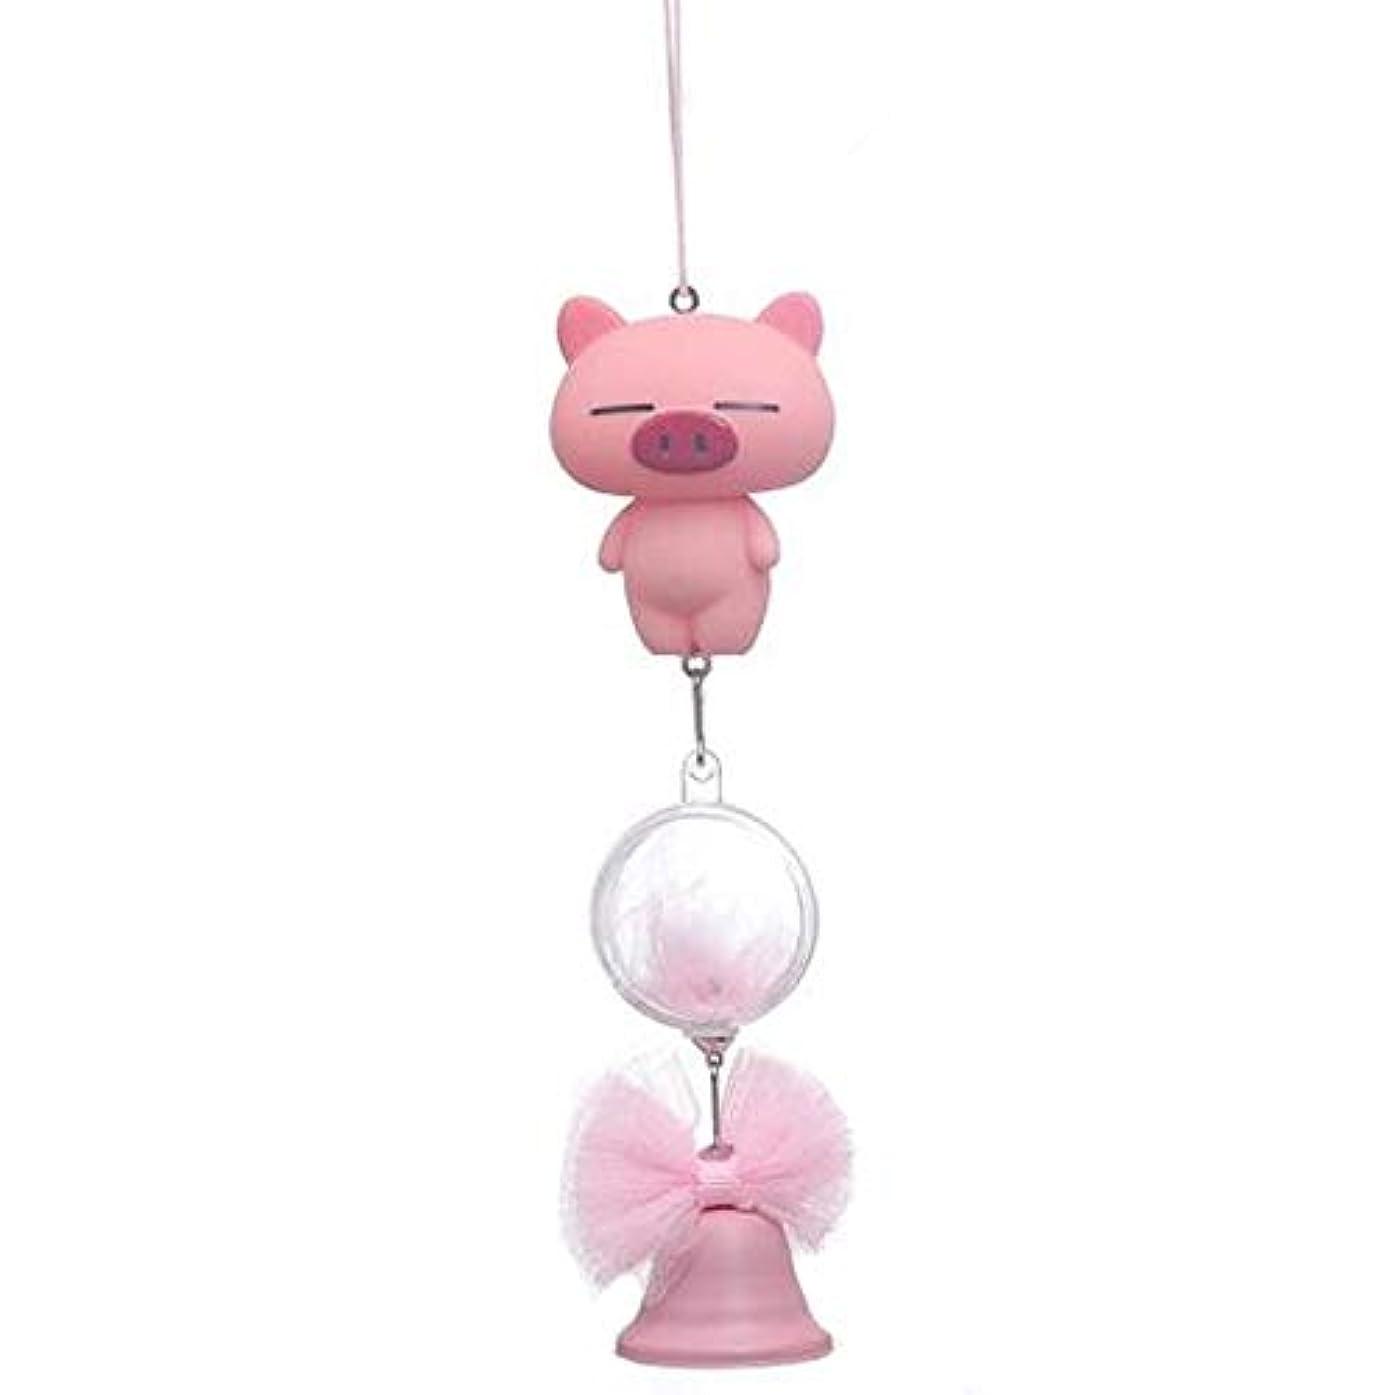 経済イタリックプログレッシブQiyuezhuangshi 風チャイム、シリコーン素材クリエイティブ豚の風チャイム、パープル、全身について27cmの,美しいホリデーギフト (Color : Pink)